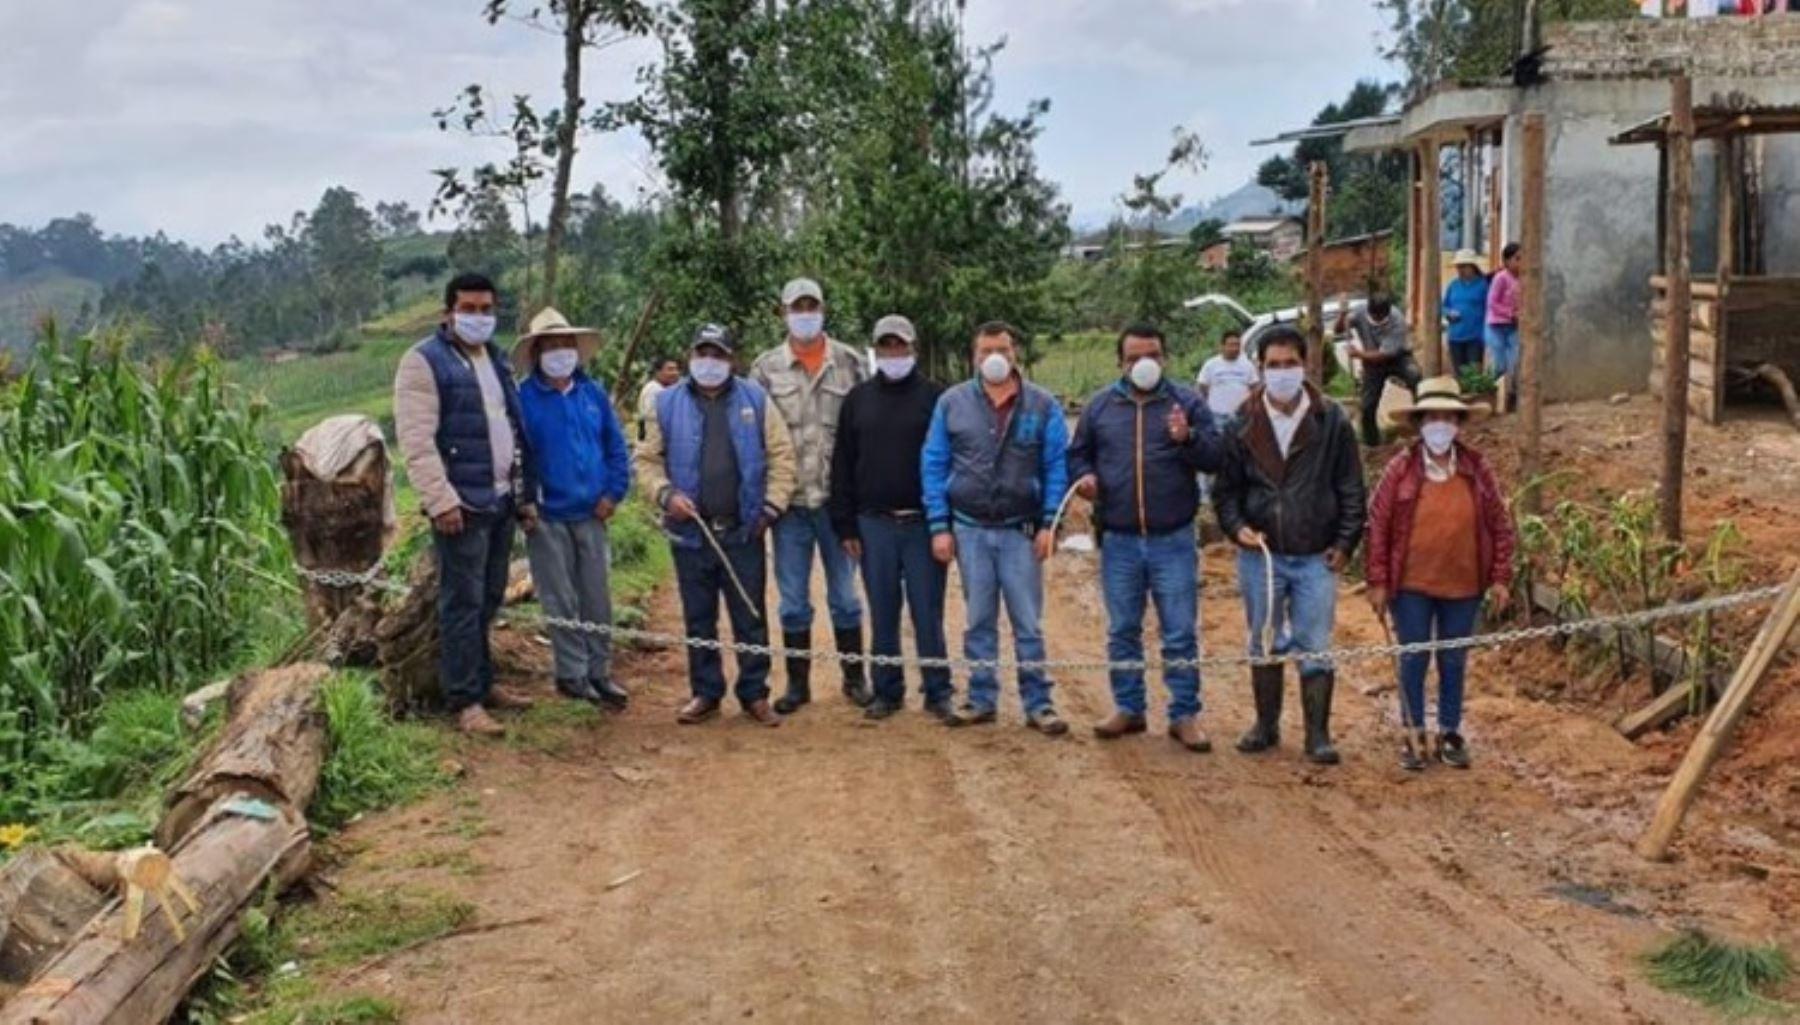 """El gobernador regional de Cajamarca, Mesías Guevara Amasifuén, destacó el compromiso y esfuerzo de las rondas campesinas y urbanas en la vigilancia y control de todas las provincias y distritos, como parte del """"cerco regional"""" establecido para evitar la propagación del coronavirus covid-19."""